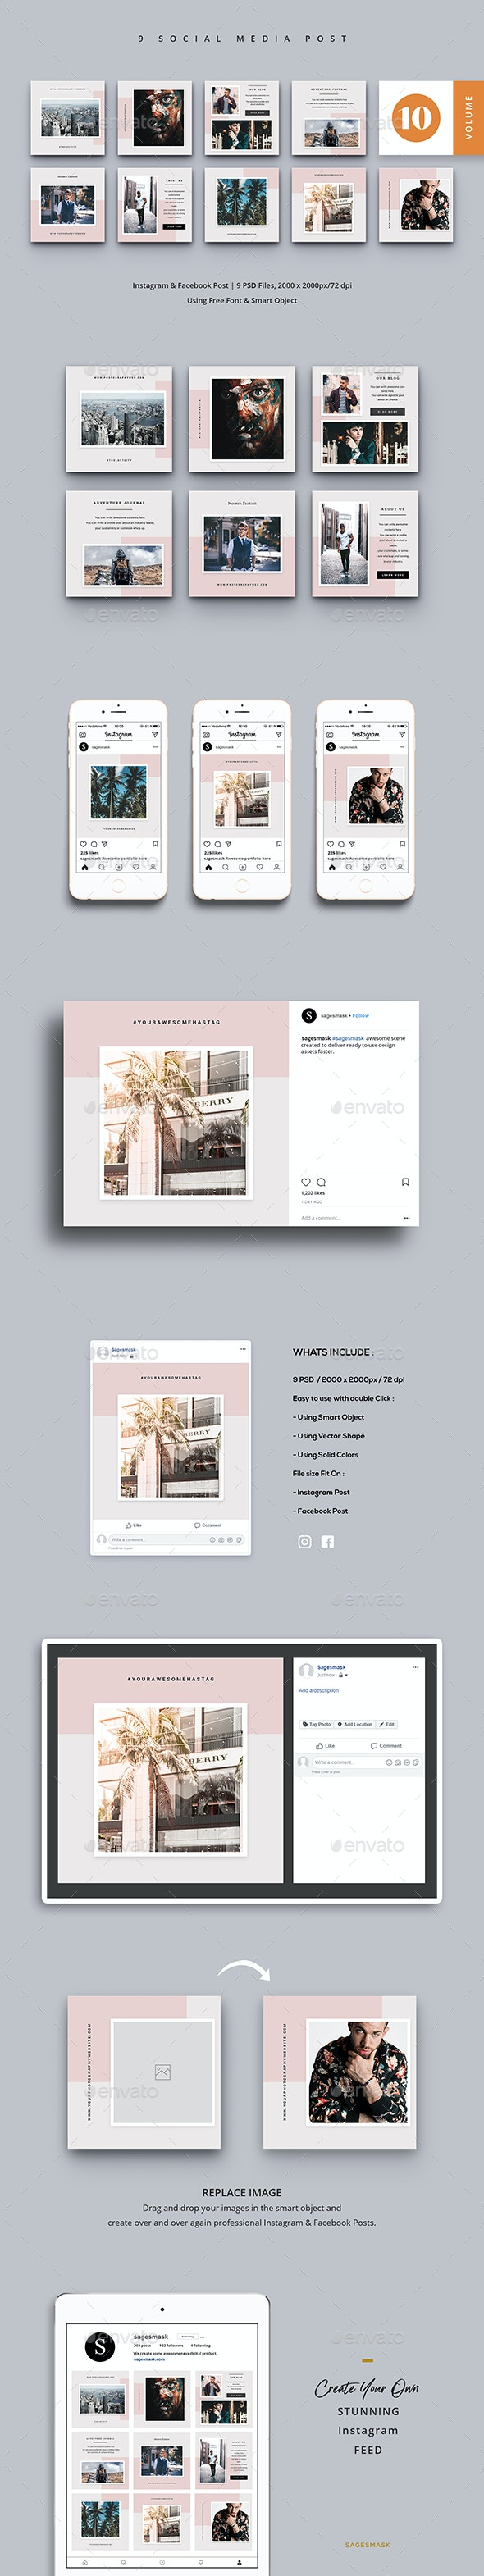 Social Media Post Vol. 10 - Social Media Web Elements